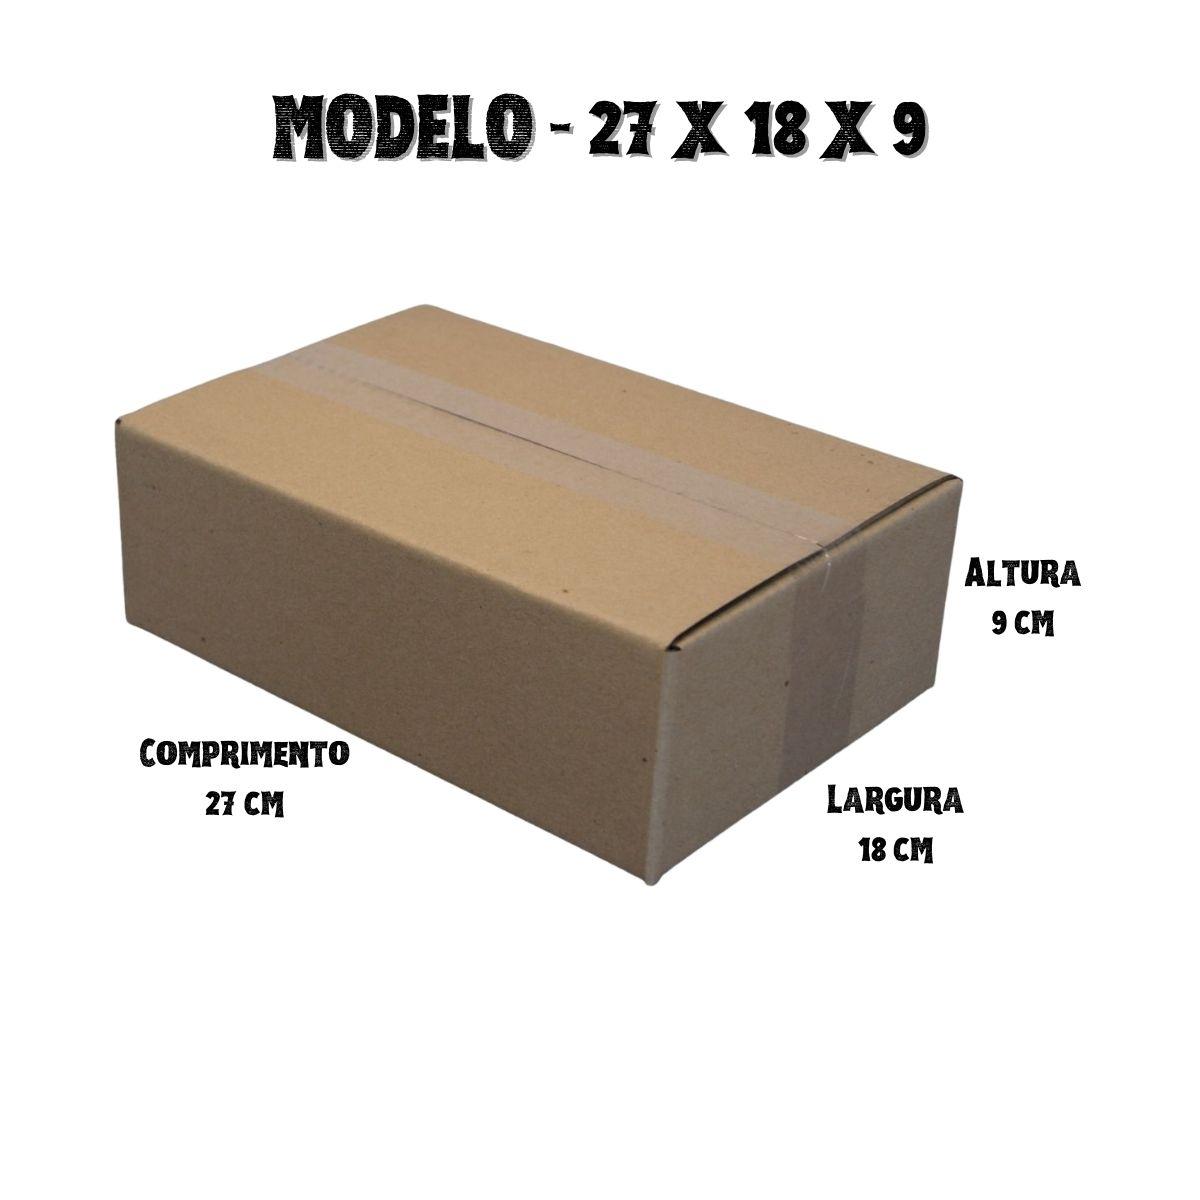 25 Caixas de Papelao (27X18X9)cm - Sedex / Pac / Correios